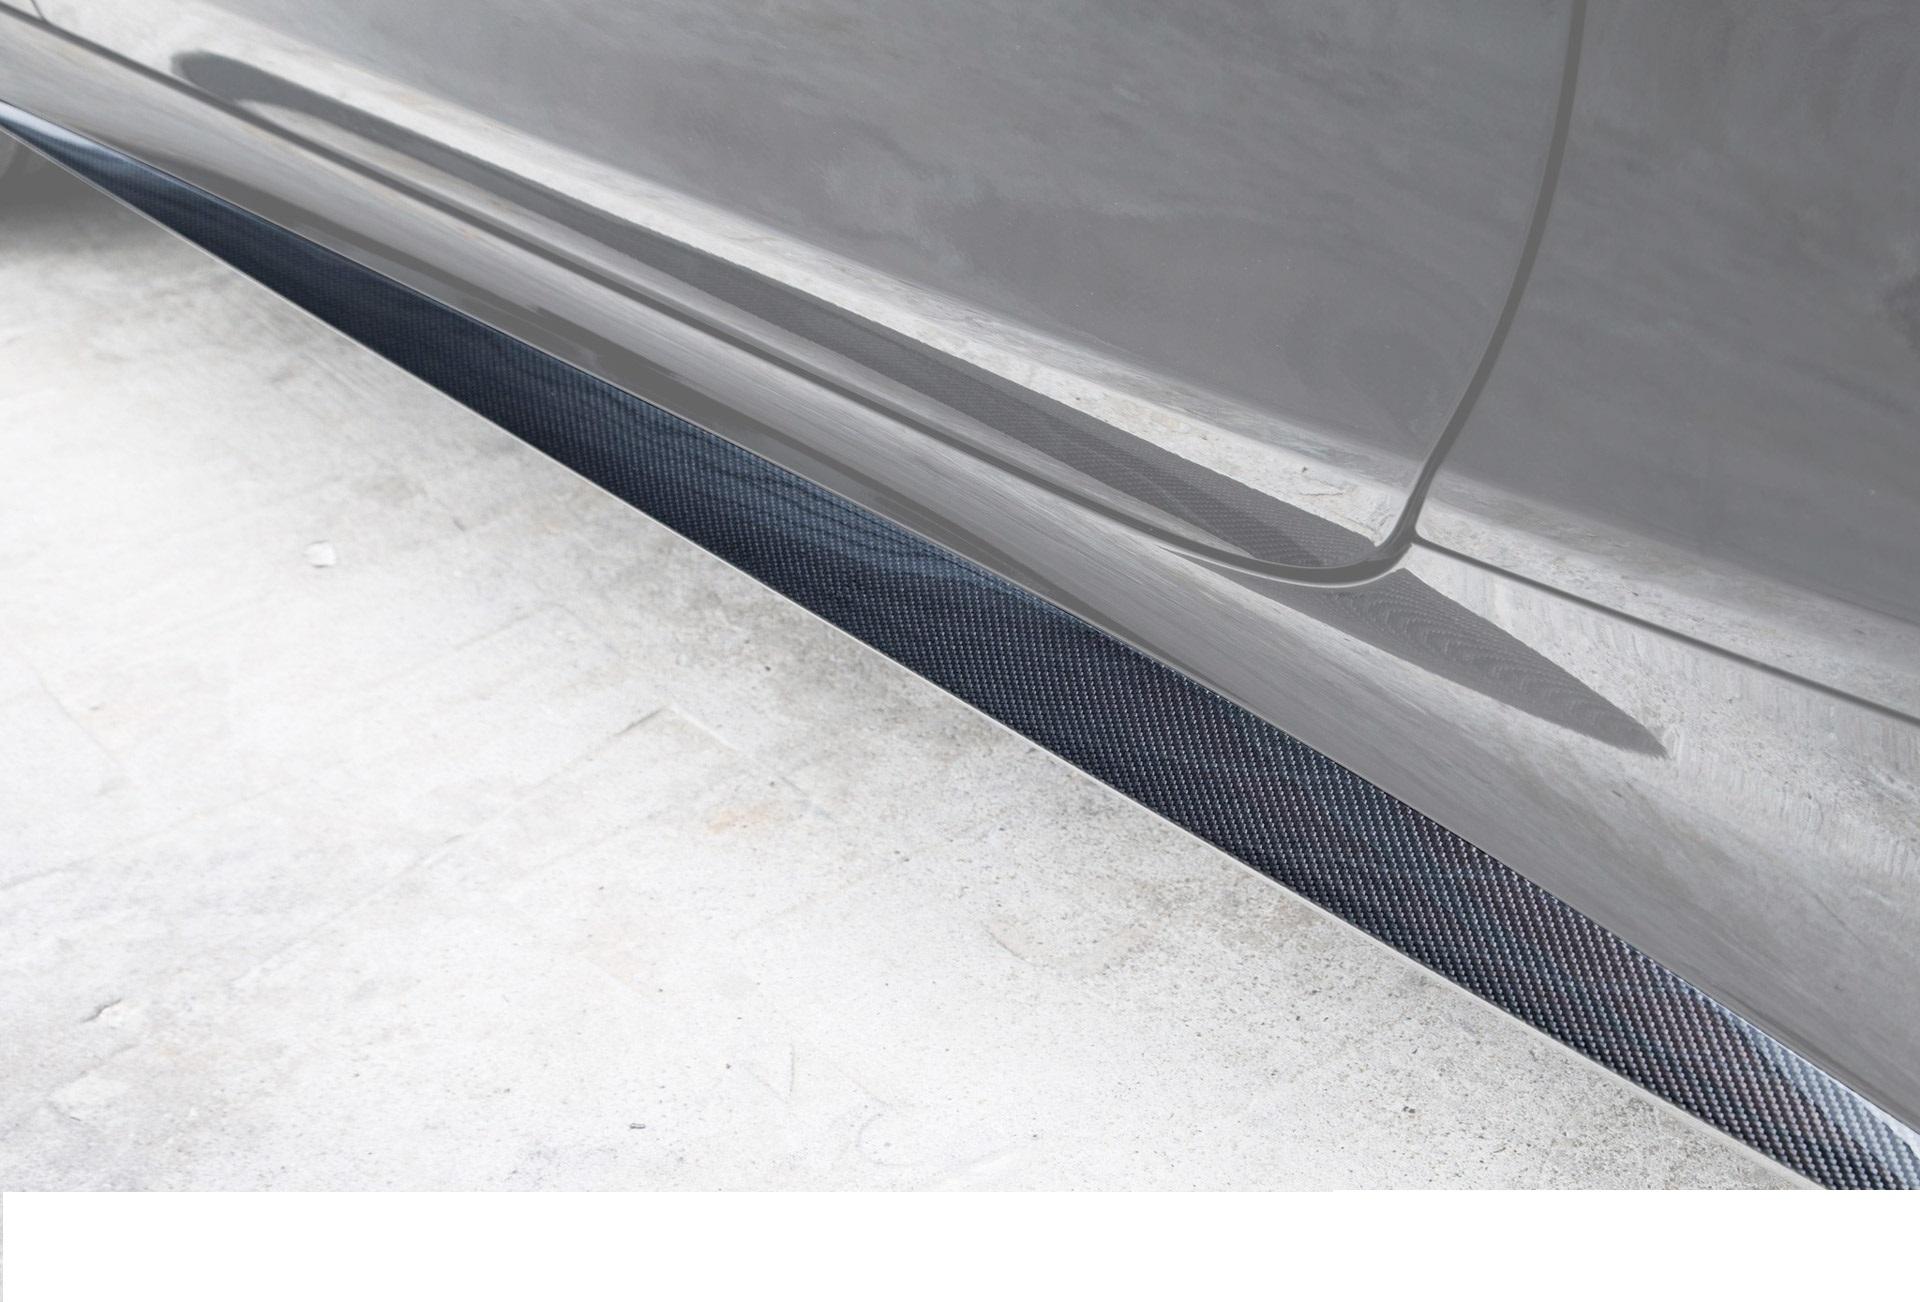 Карбоновые вставки в пороги S63 amg coupe c217